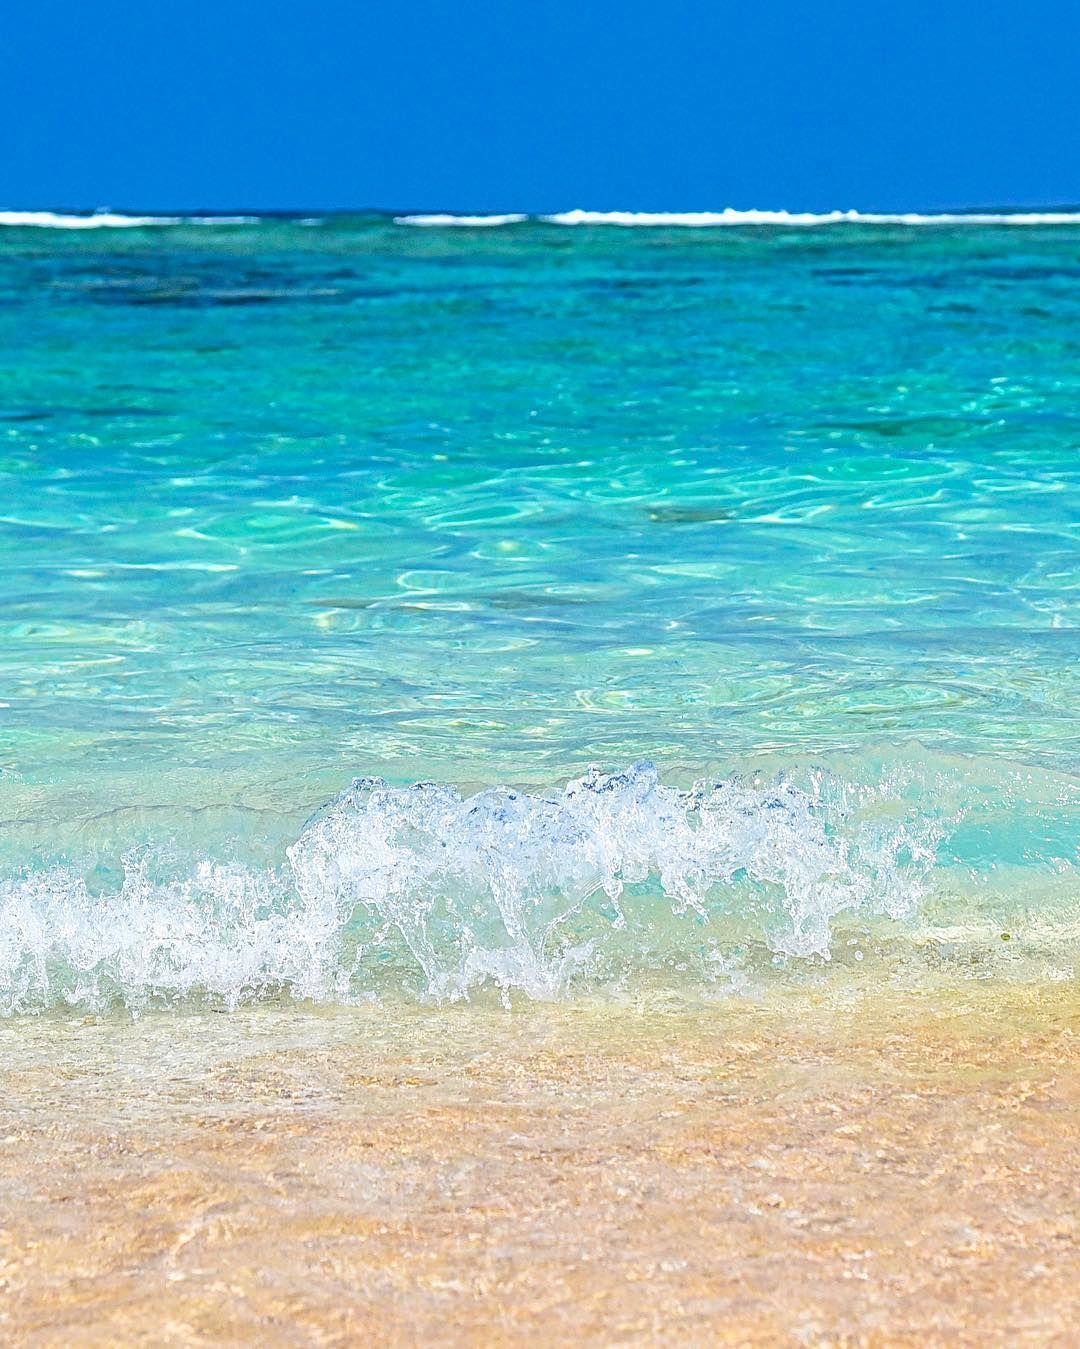 宮古島の吉野海岸 ゼリーみたいな海と波打ち際 たまらーん By